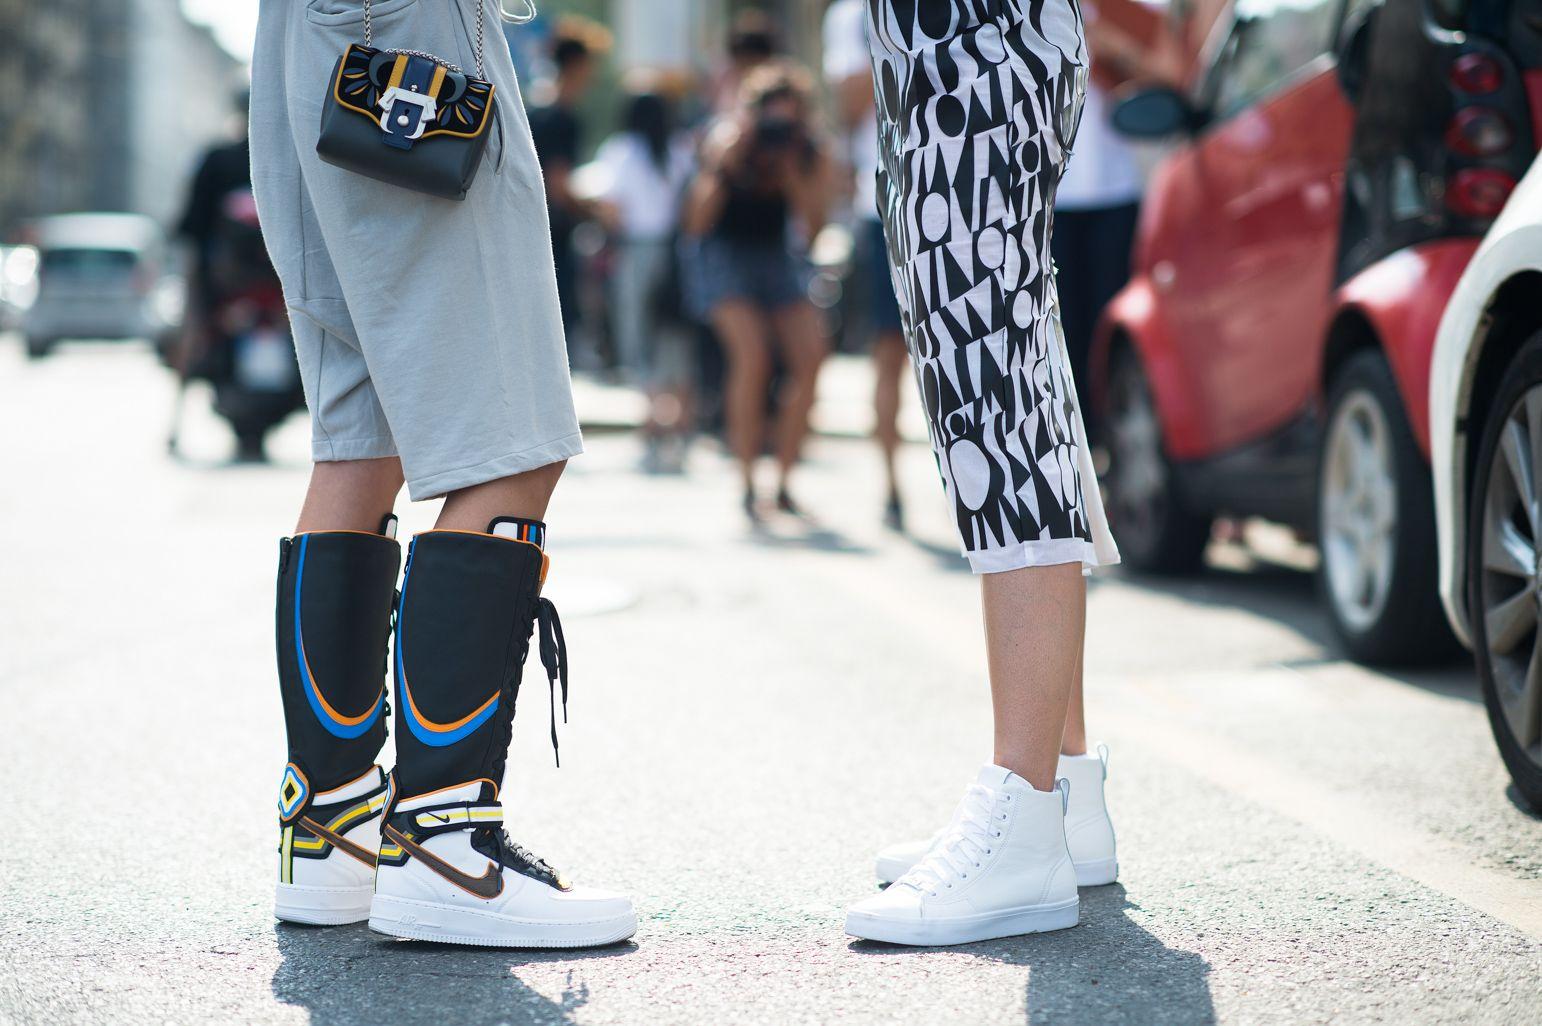 #streetstyle #style #streetfashion #fashion #mensstreetstyle #mensfashion #manstyle #mensstyle